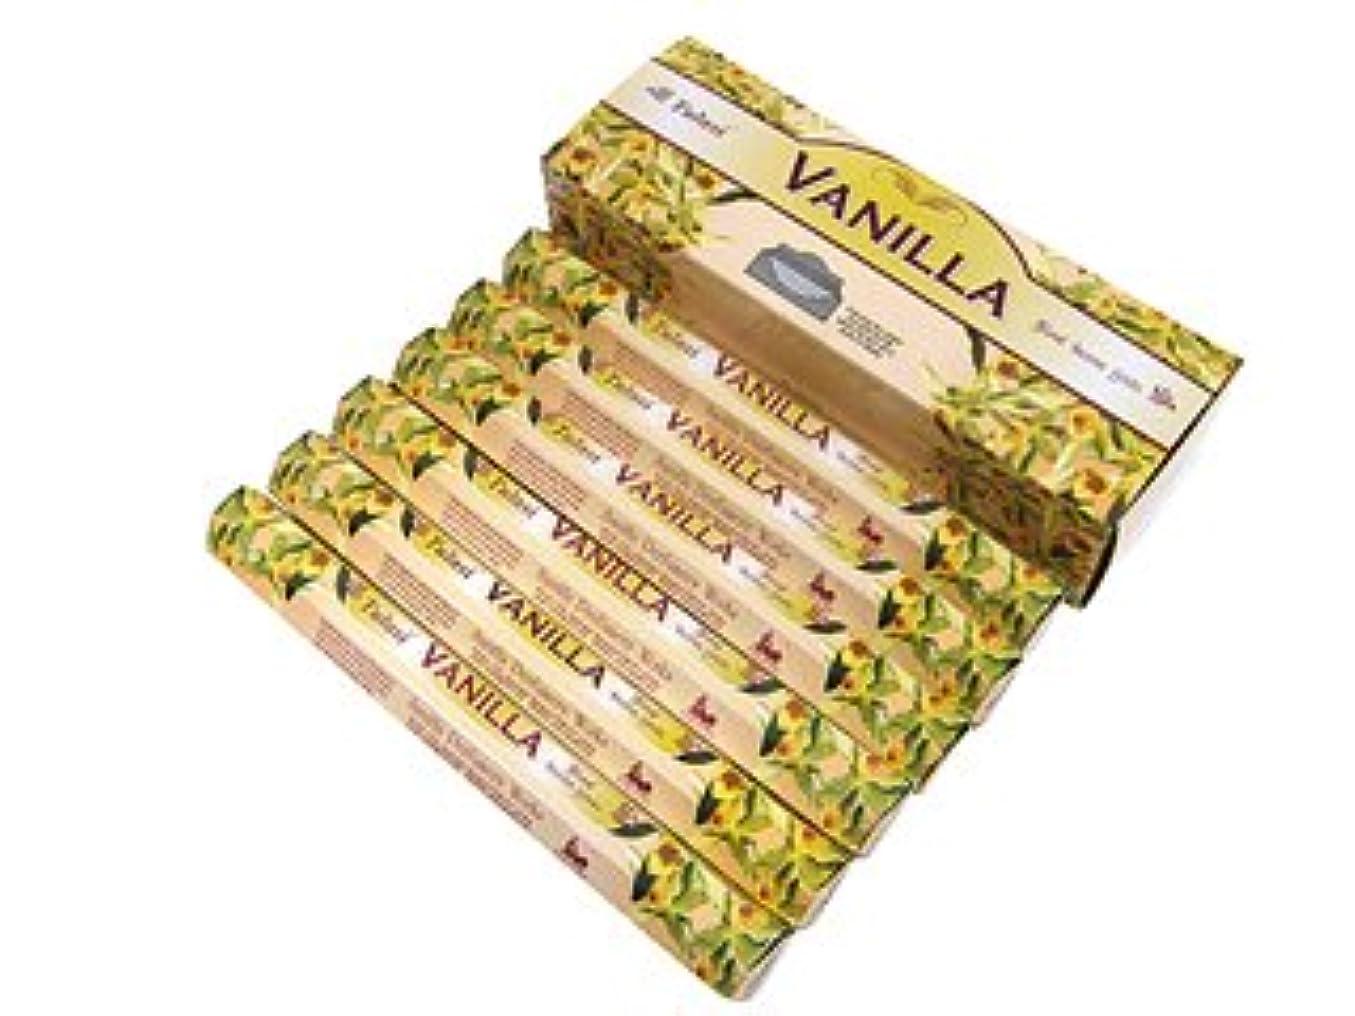 有望エステート先例TULASI(トゥラシ) バニラ香 スティック VANILLA 6箱セット